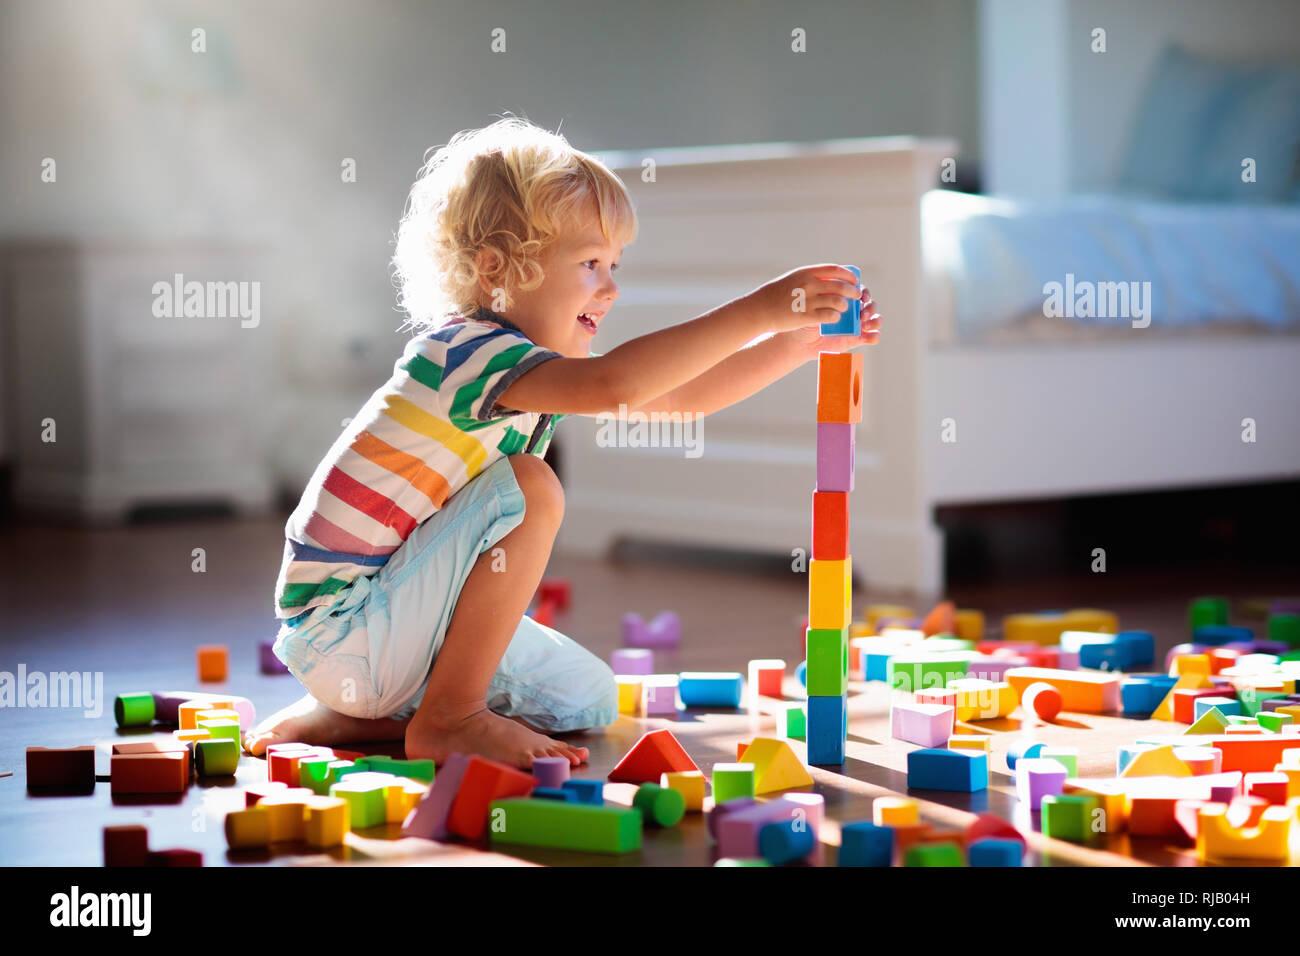 Kinder spielen mit bunten Spielzeug Bausteine. Kinder ...